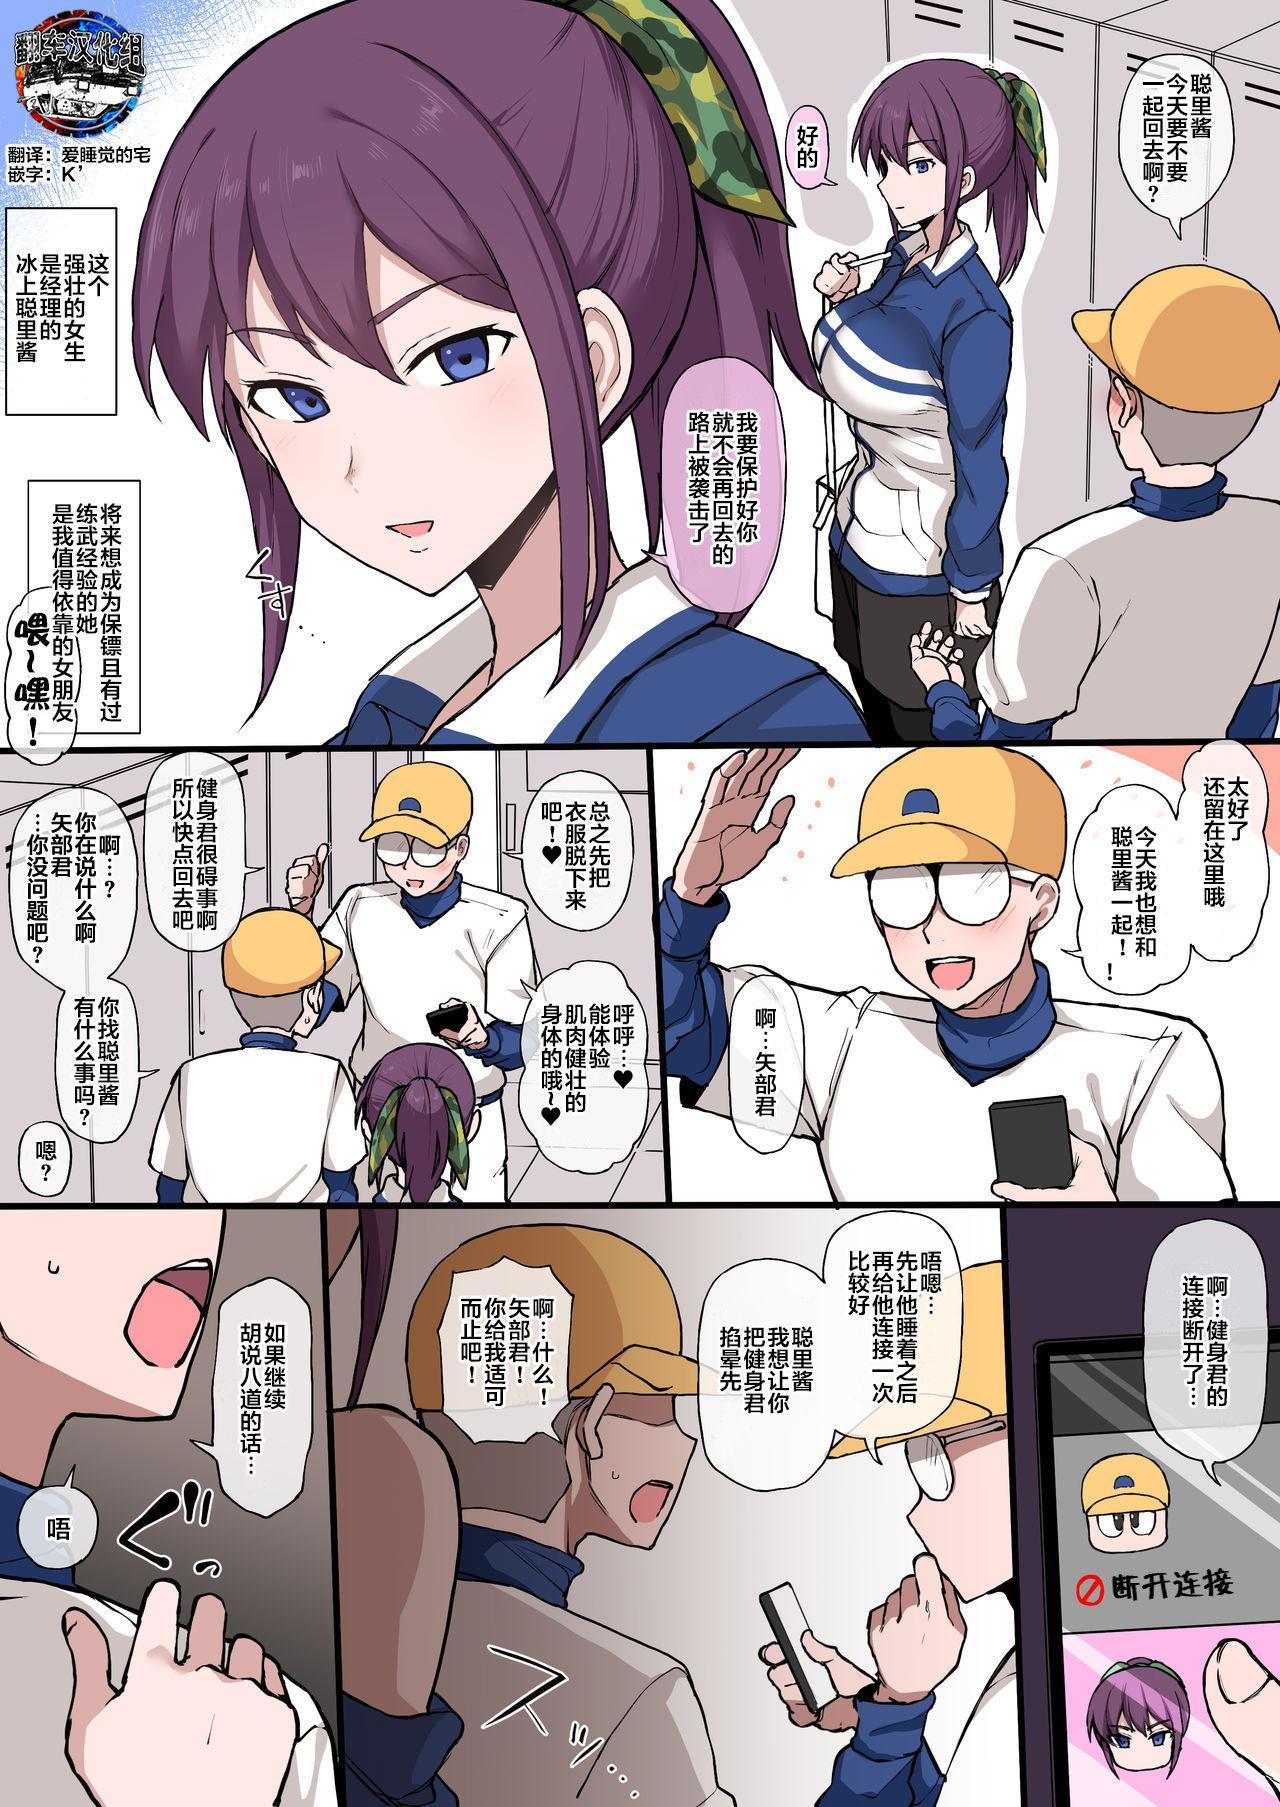 NTR Manga 0